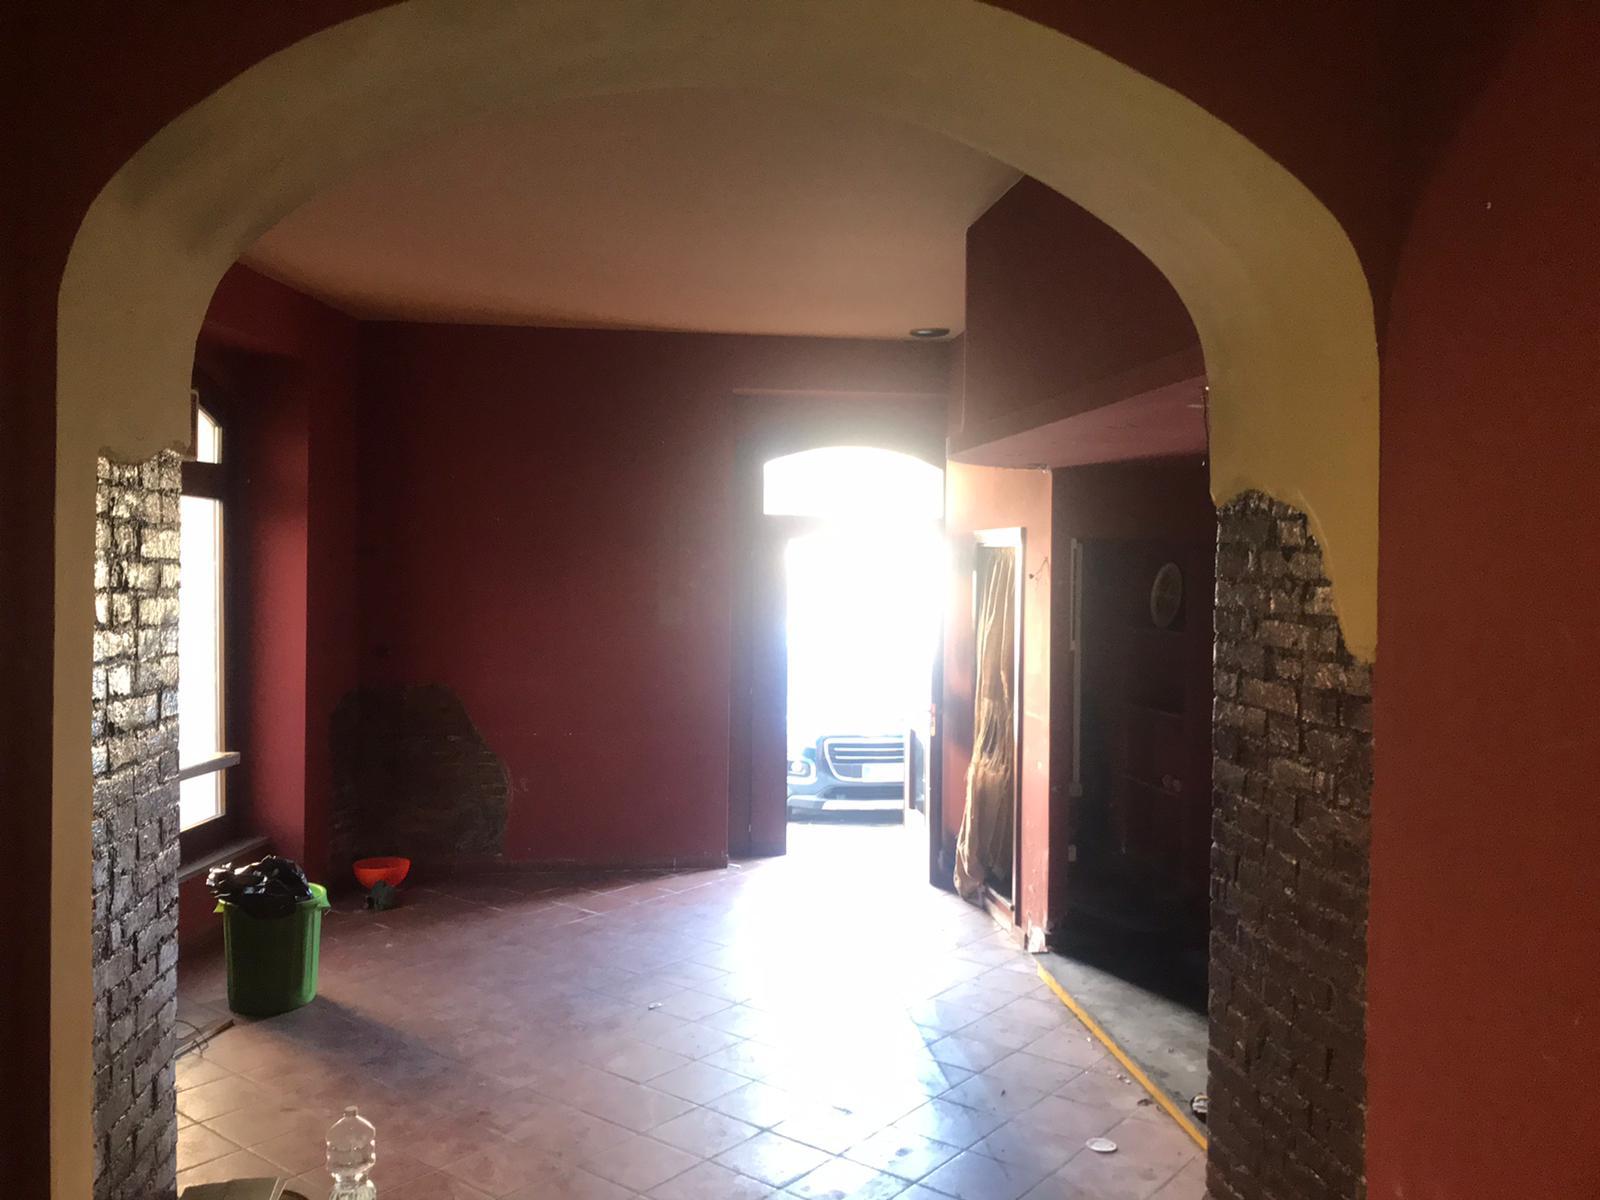 Negozio / Locale in affitto a San Giorgio del Sannio, 9999 locali, prezzo € 700 | CambioCasa.it